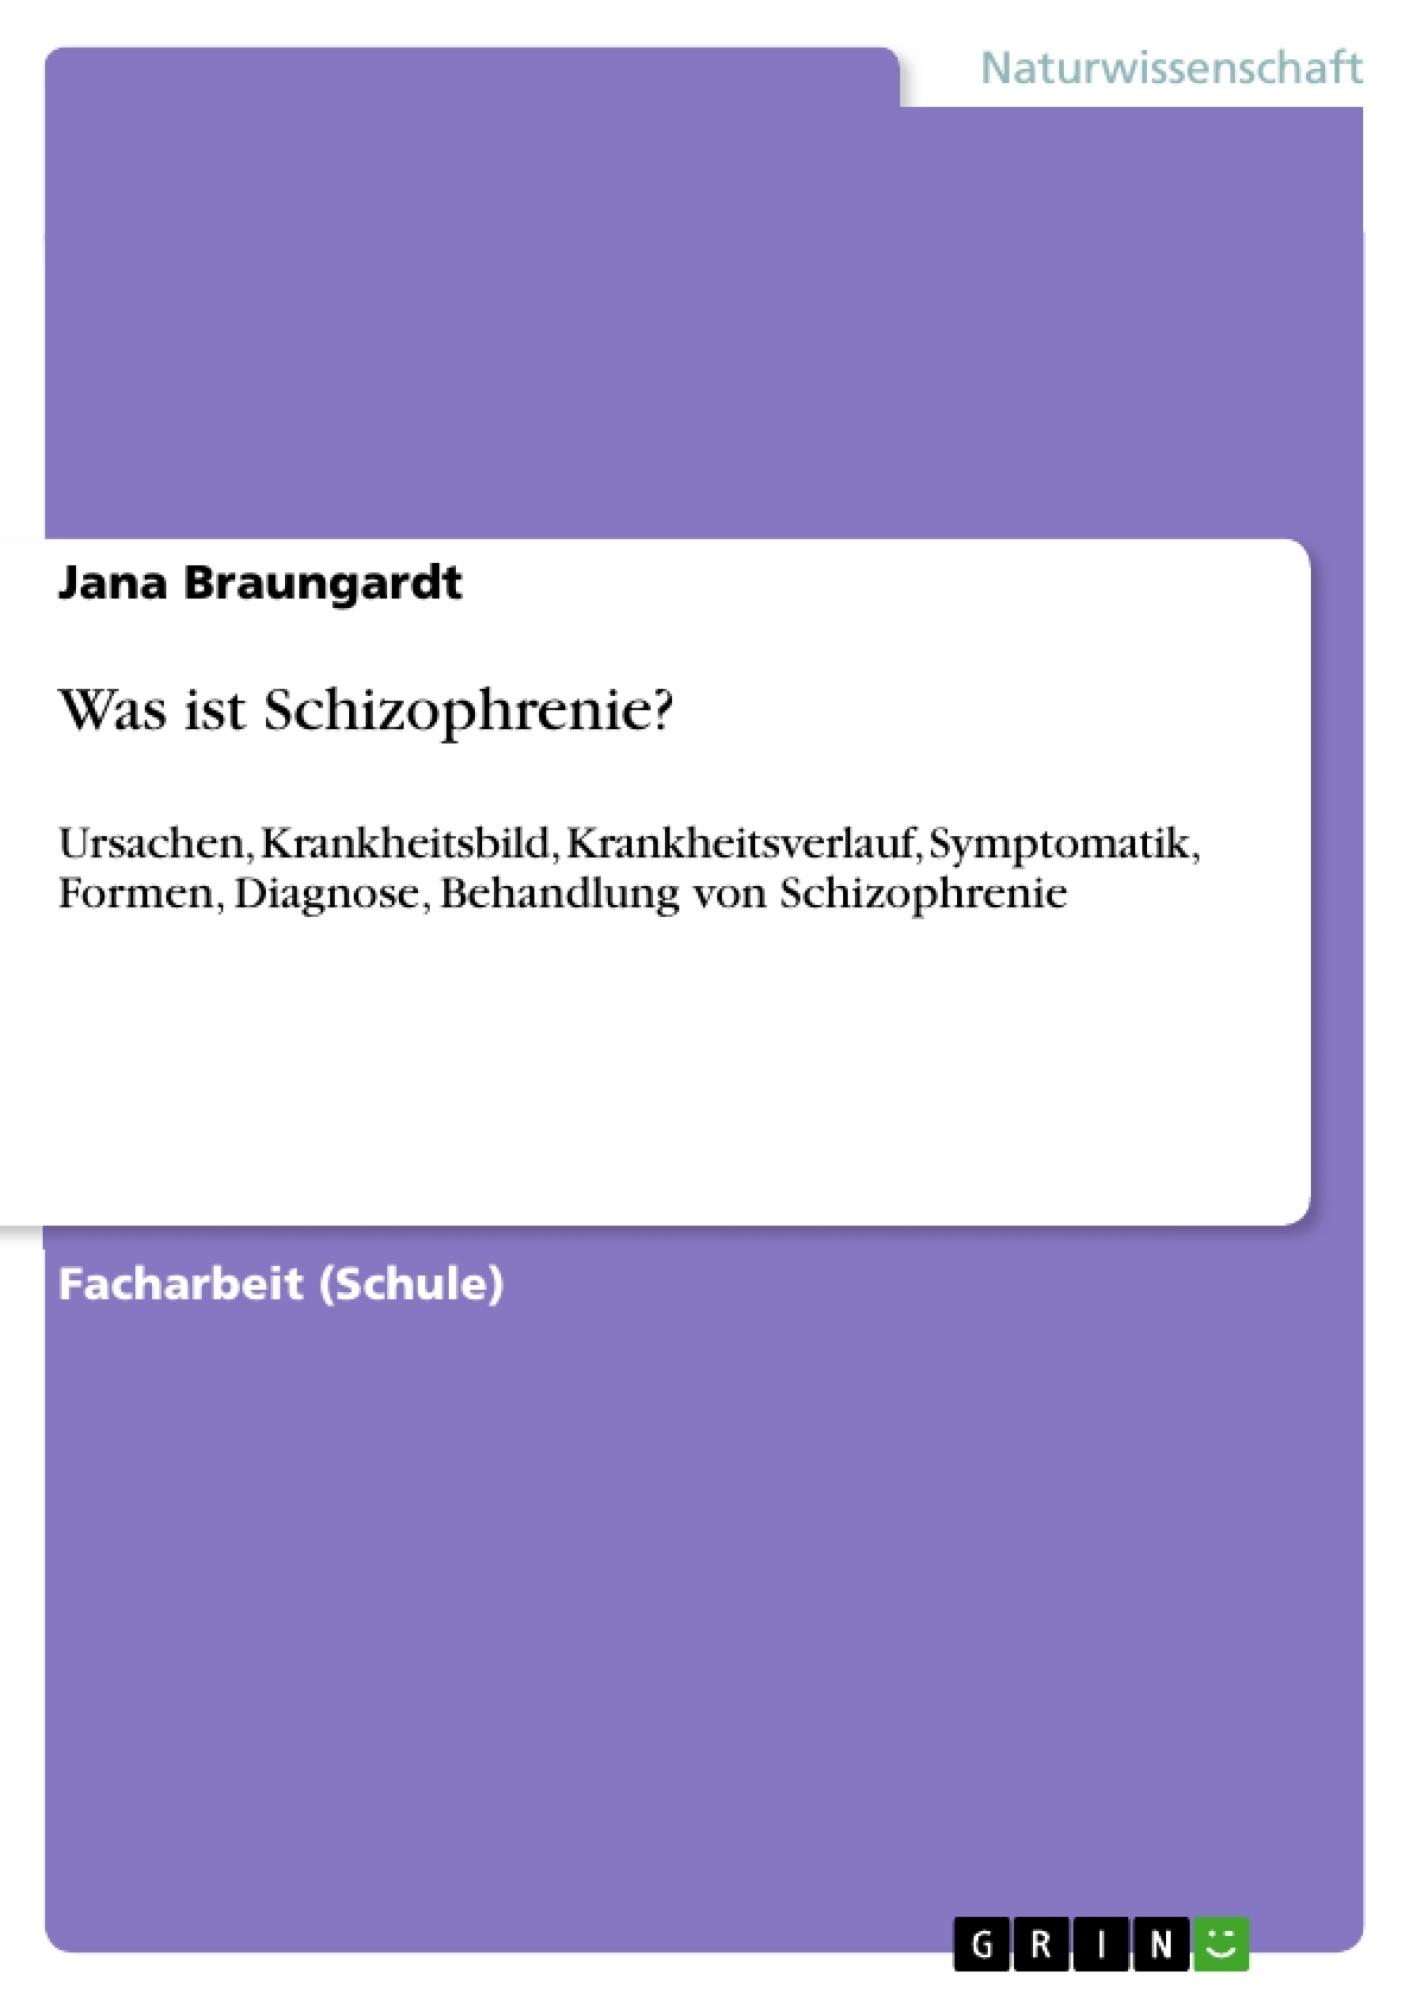 Titel: Was ist Schizophrenie?